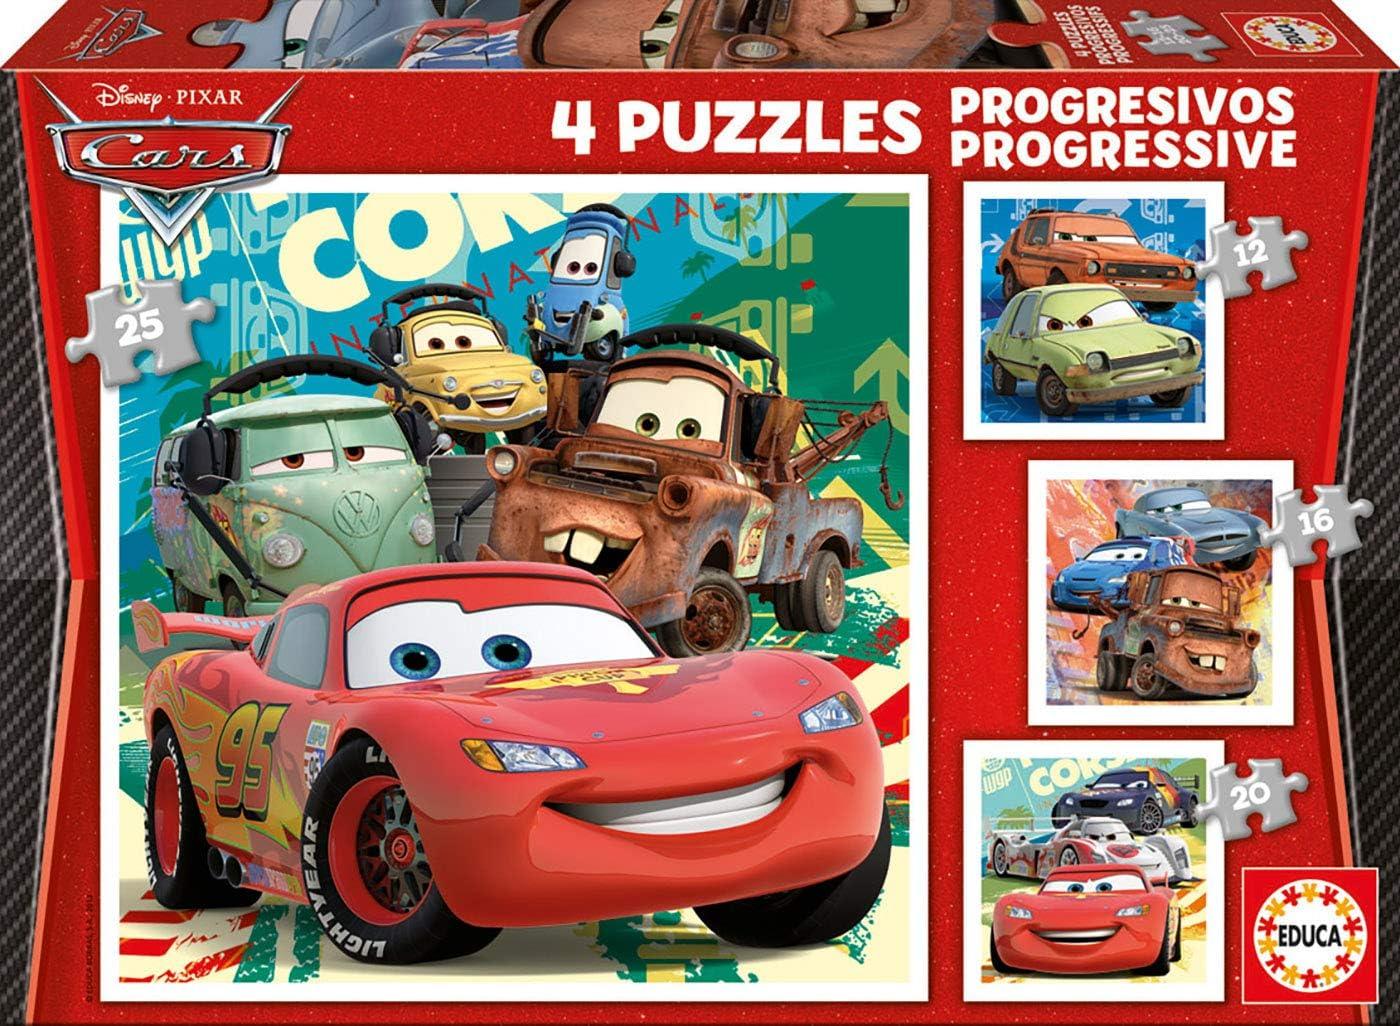 Educa - Puzzles Progresivos, puzzle infantil Cars 2 de 12,16,20 y 25 piezas, a partir de 3 años (14942)